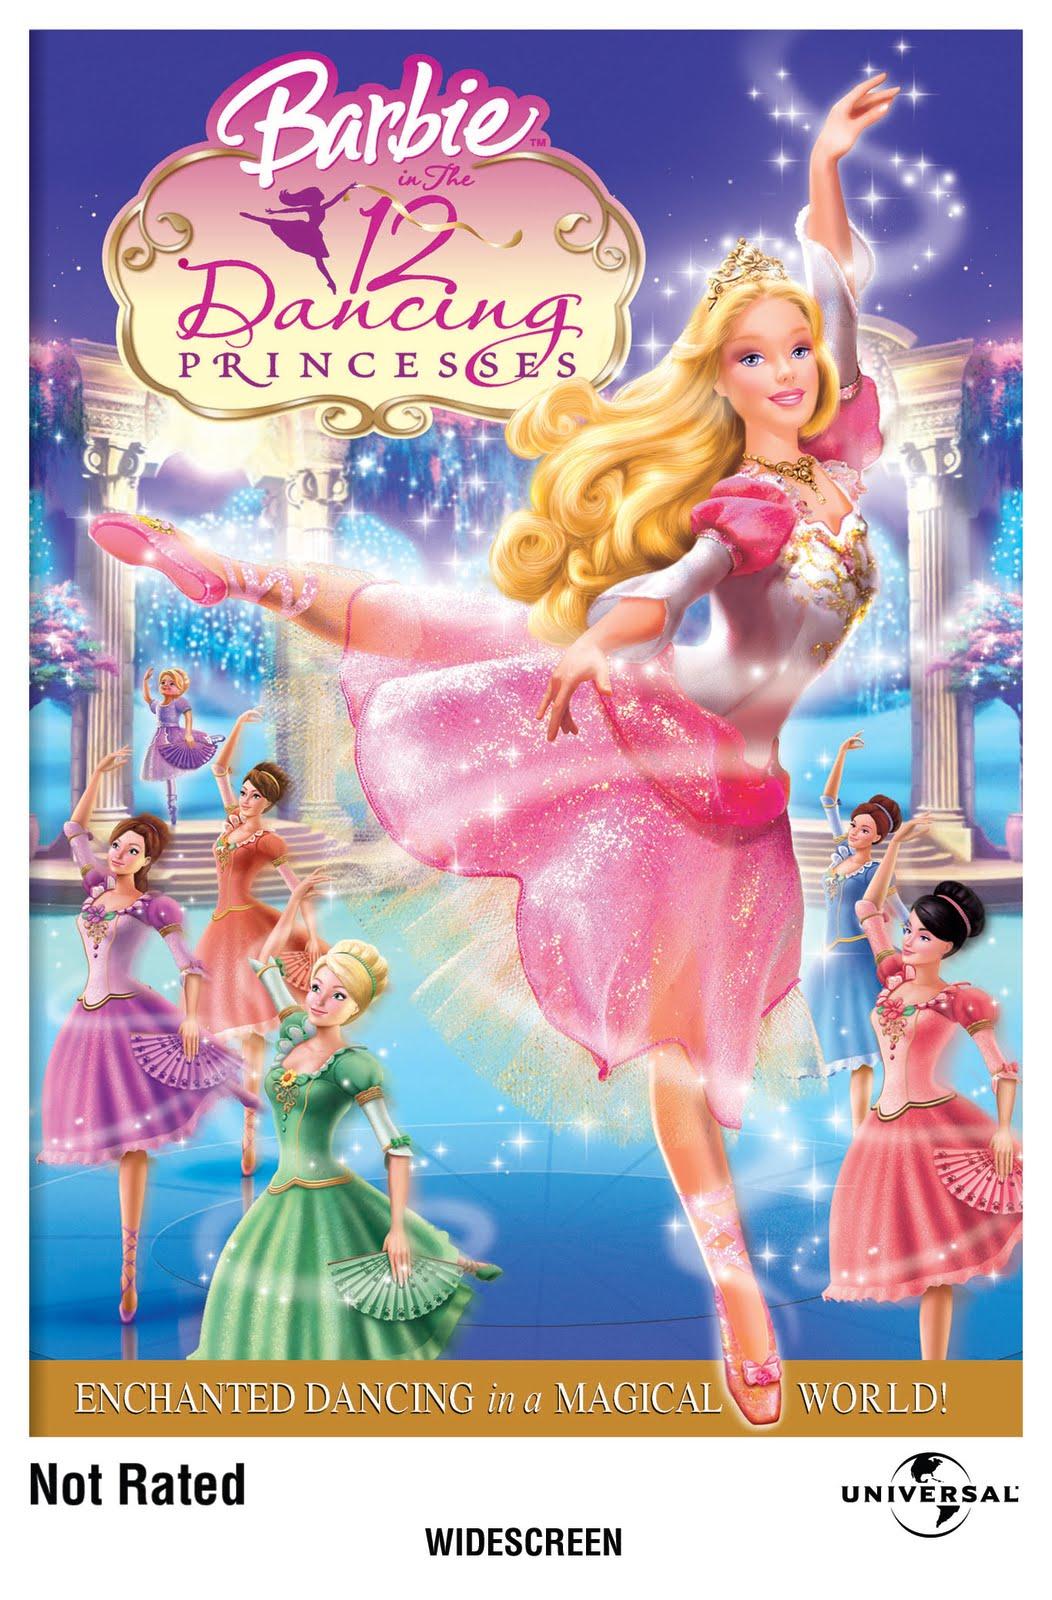 http://2.bp.blogspot.com/_l8iaYrarAkA/THlEMOVqLrI/AAAAAAAAAbc/RlM_Xx21oxs/s1600/2006_barbie_in_the_12_dancing_princesses_boxart_001.jpg